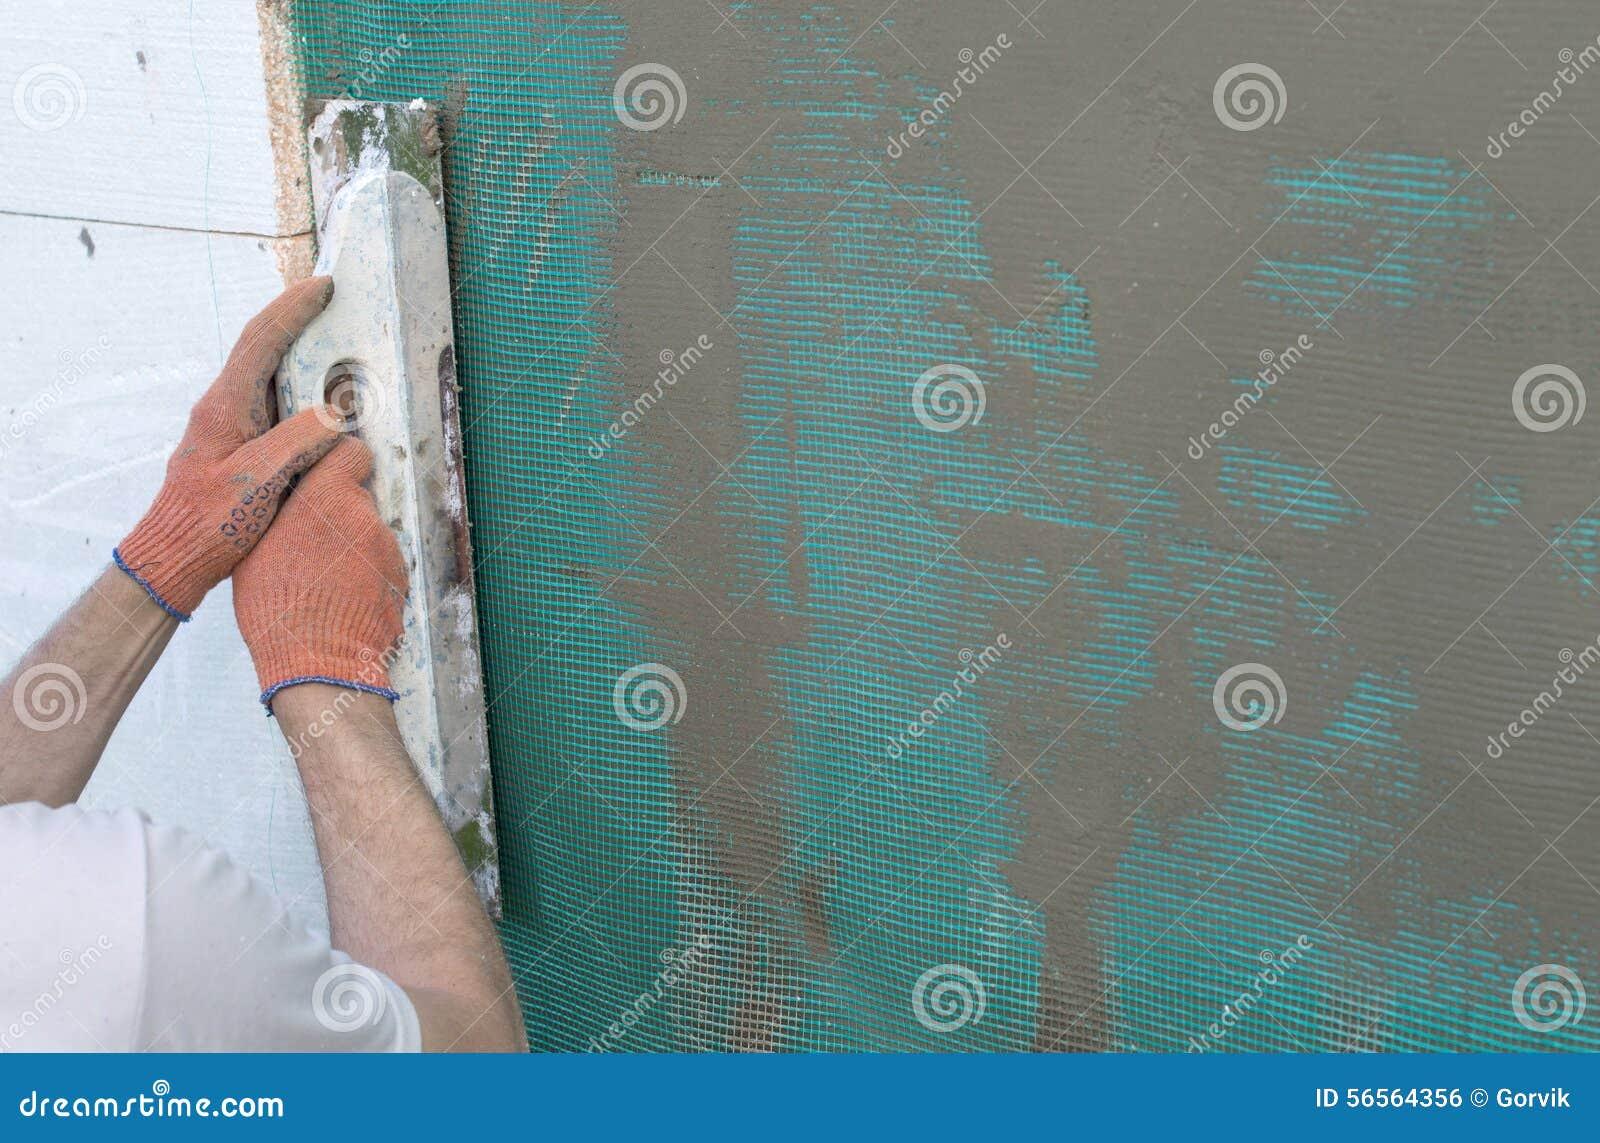 Download Εφαρμογή Putty στον τοίχο που χρησιμοποιεί Spatula Στοκ Εικόνες - εικόνα από putty, κόλλα: 56564356